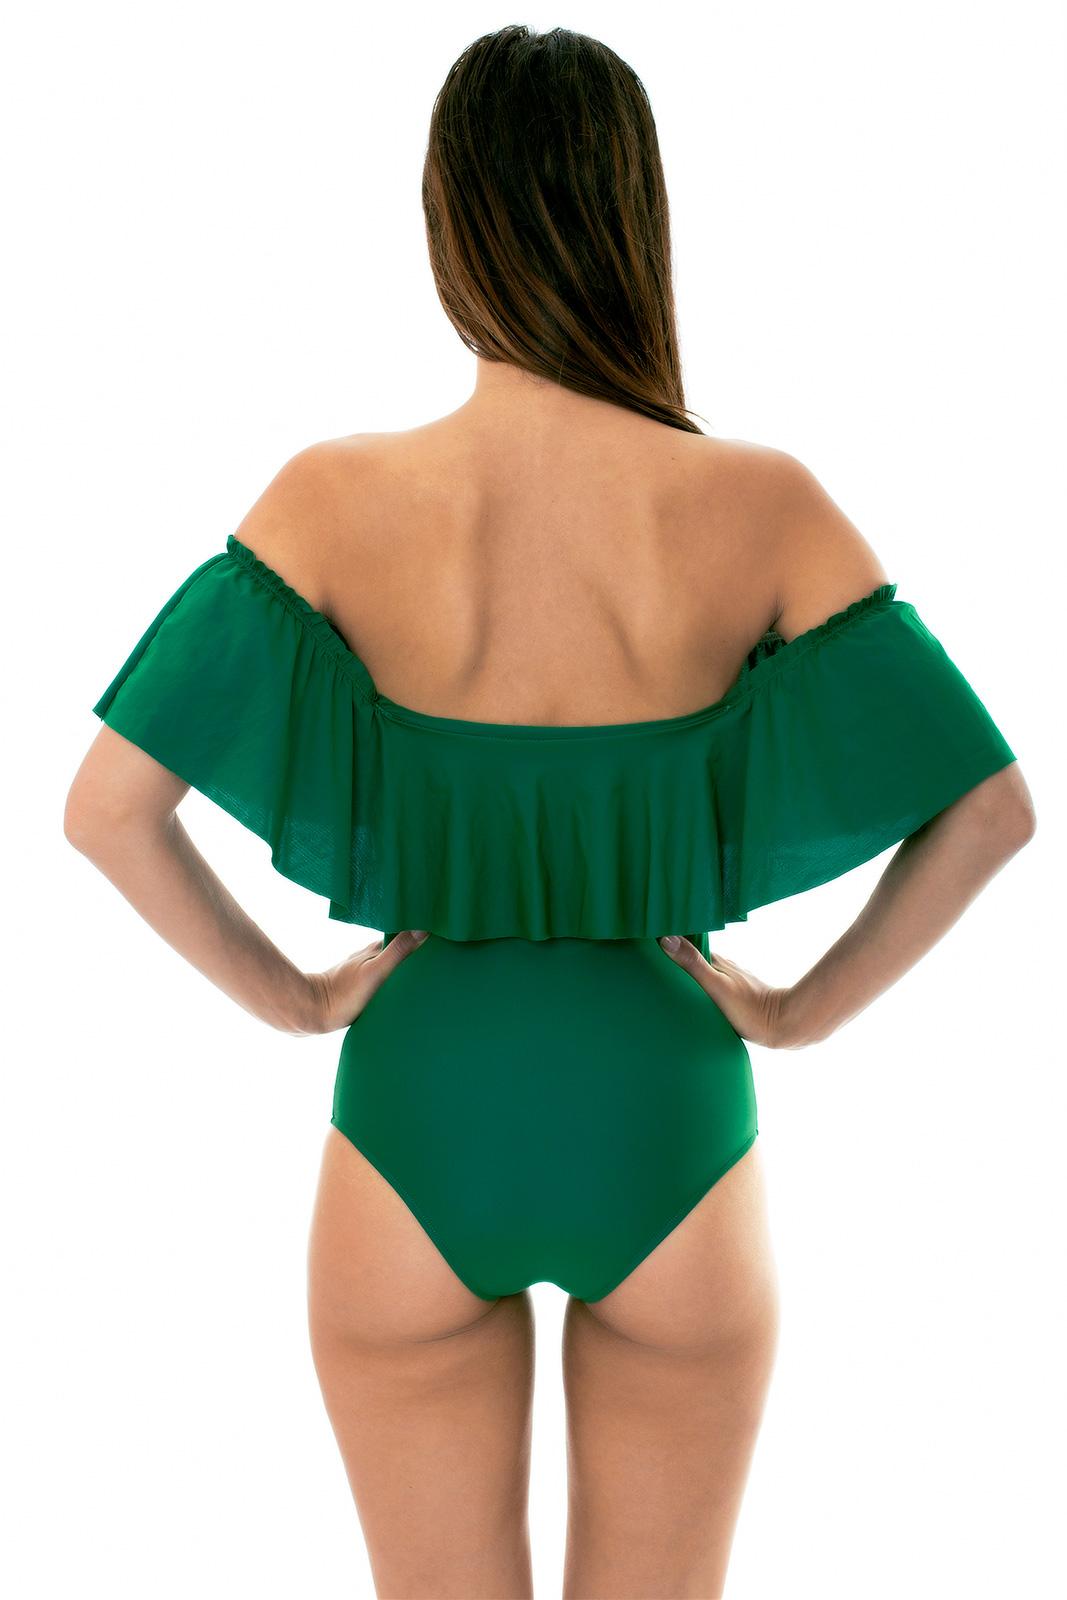 6dd16b373ffb71 ... Floucy green one-piece bandeau swimsuit - MANDACARU MAIO BABADO ...